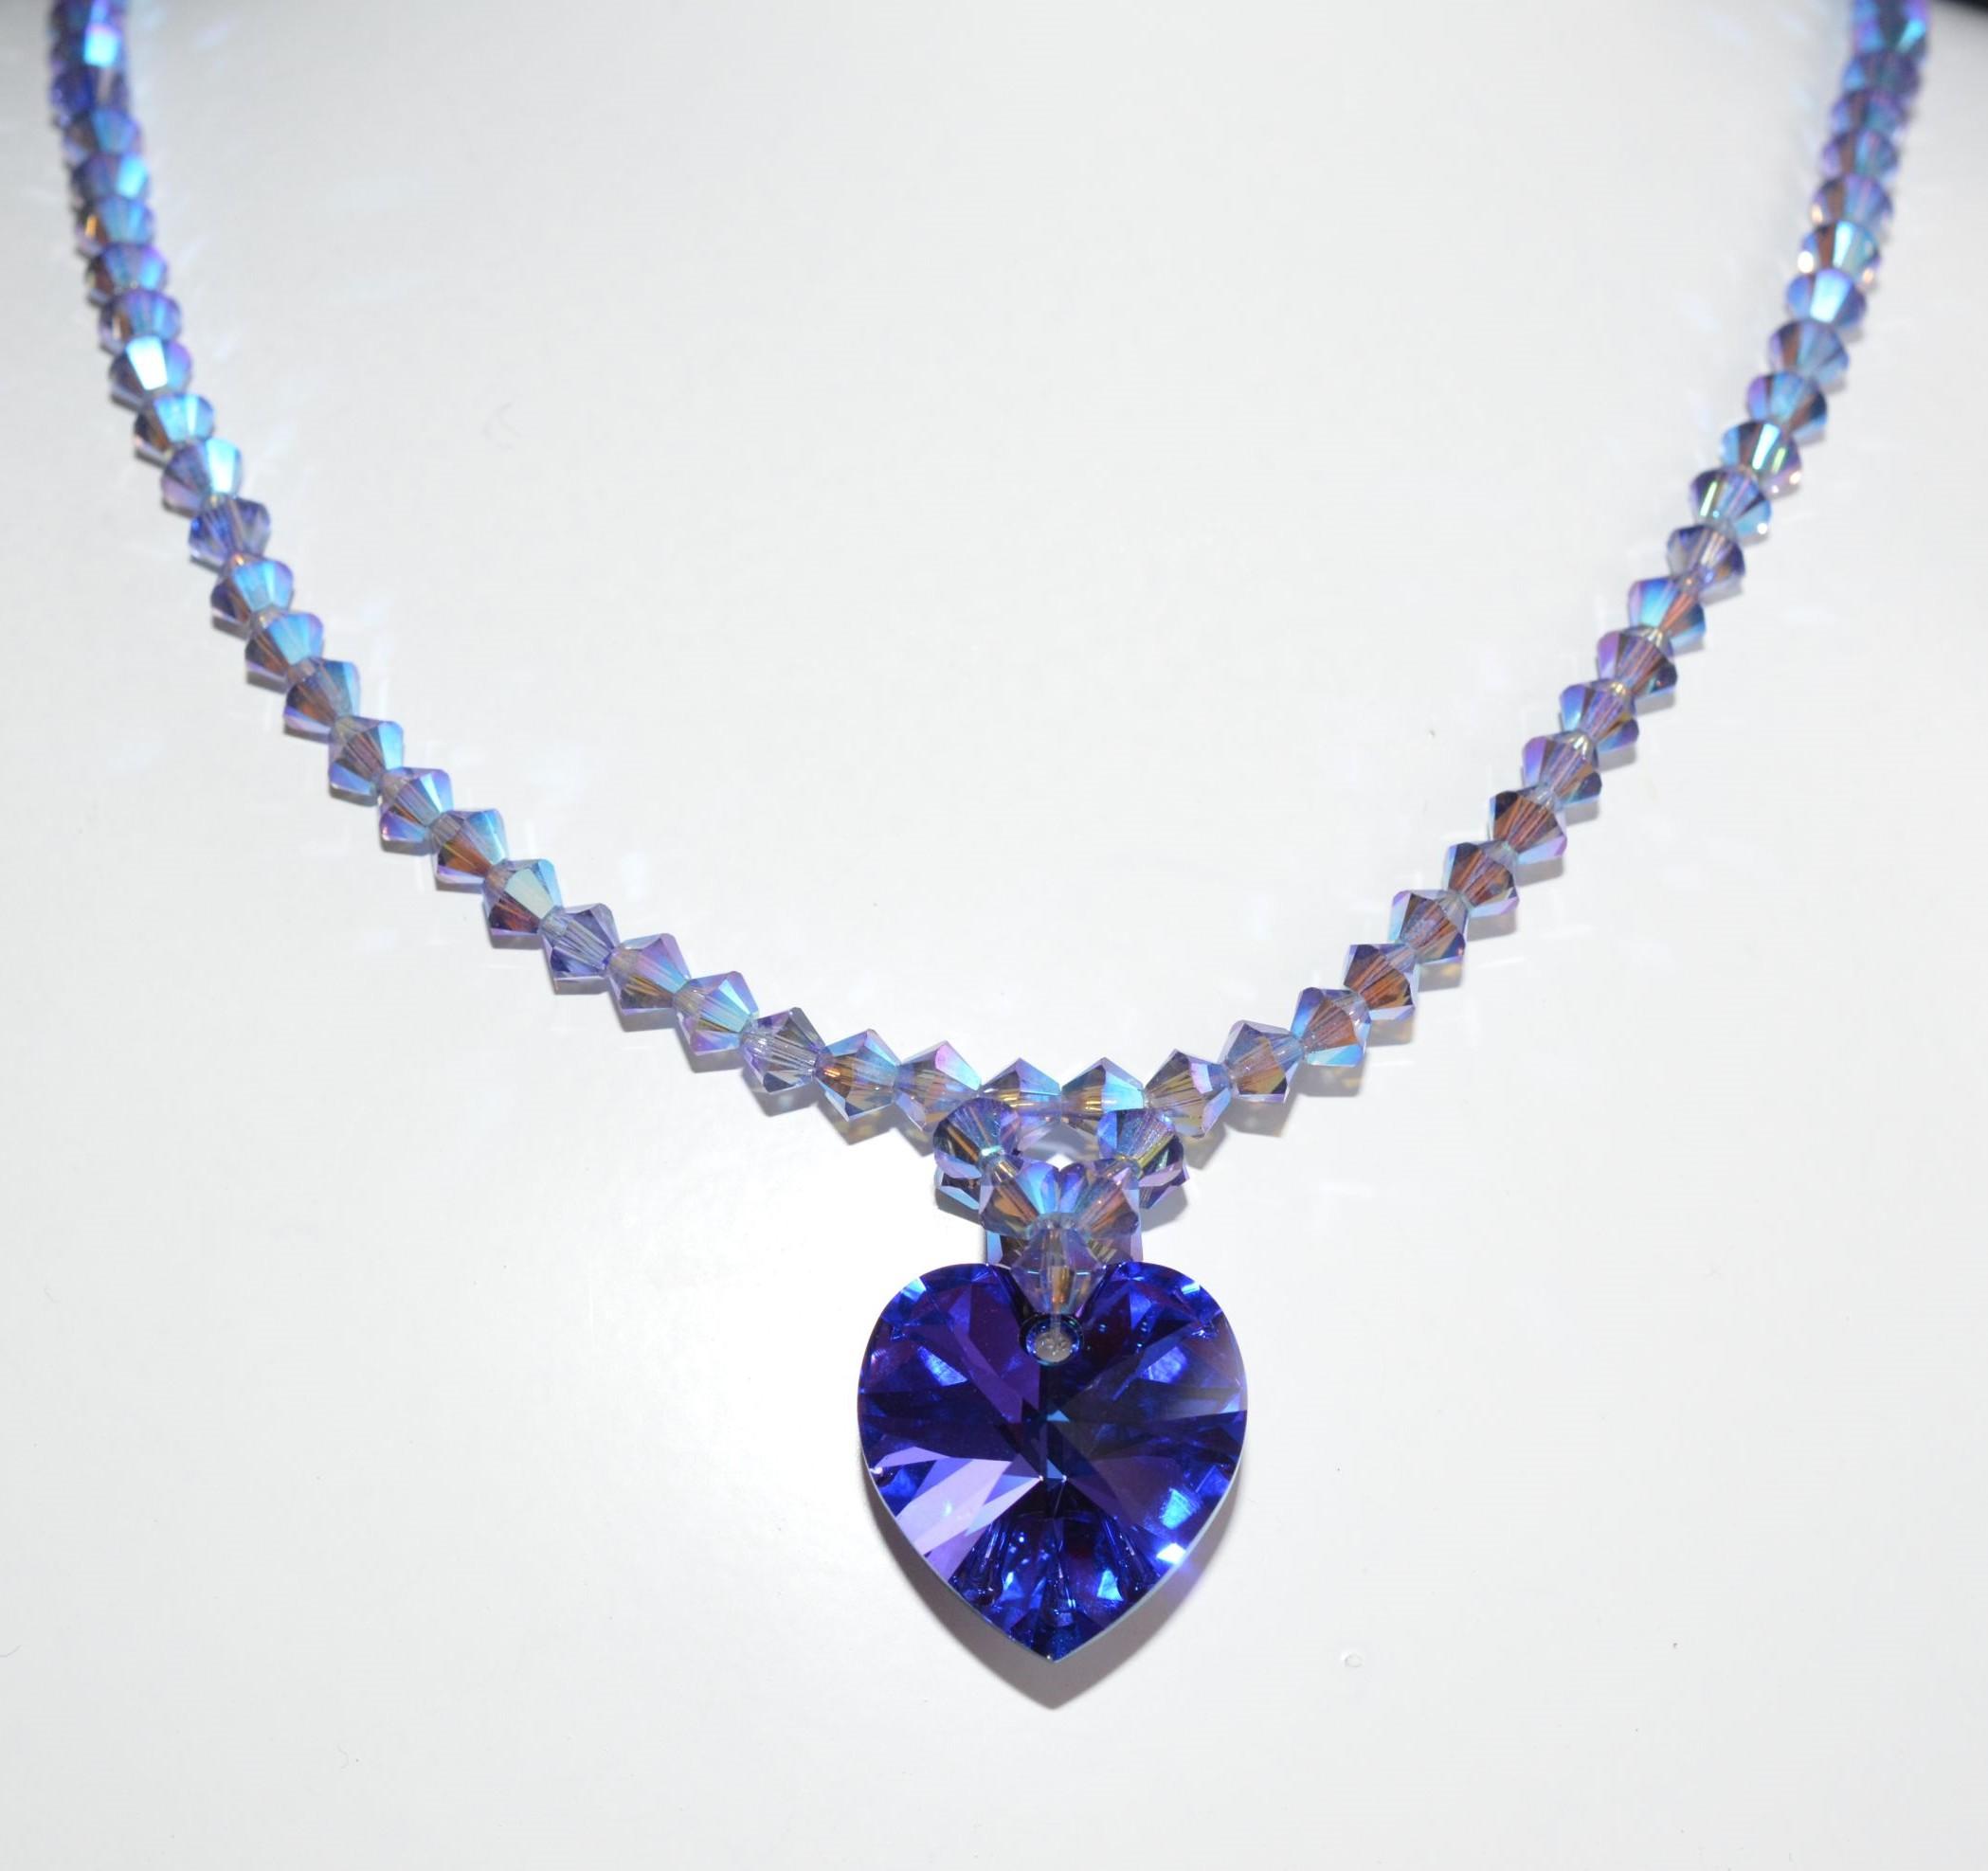 Collier cristal Swarovski tanzanite ab2x coeur crazy crystal héliotrope